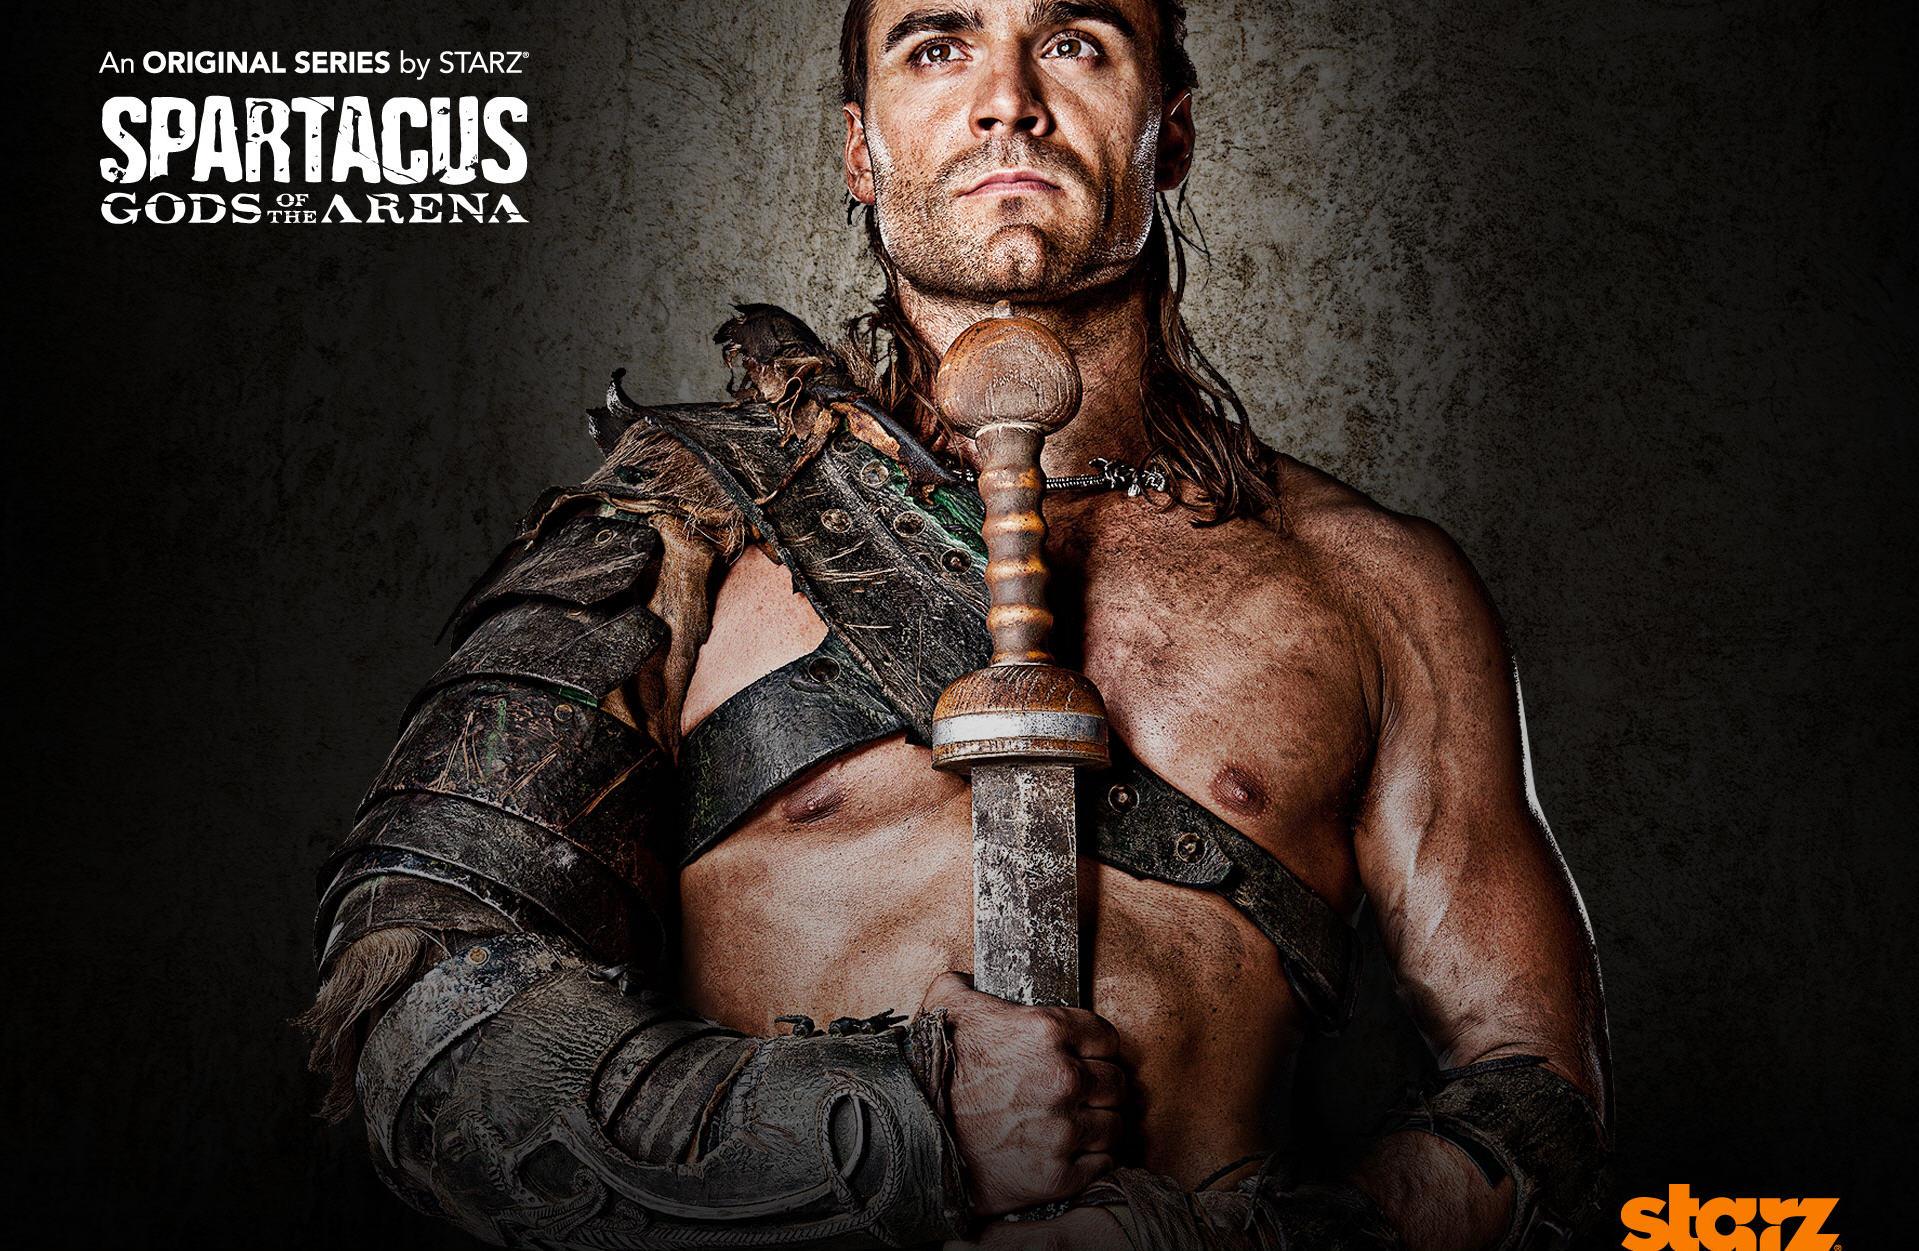 спартак-боги арены 2 серия